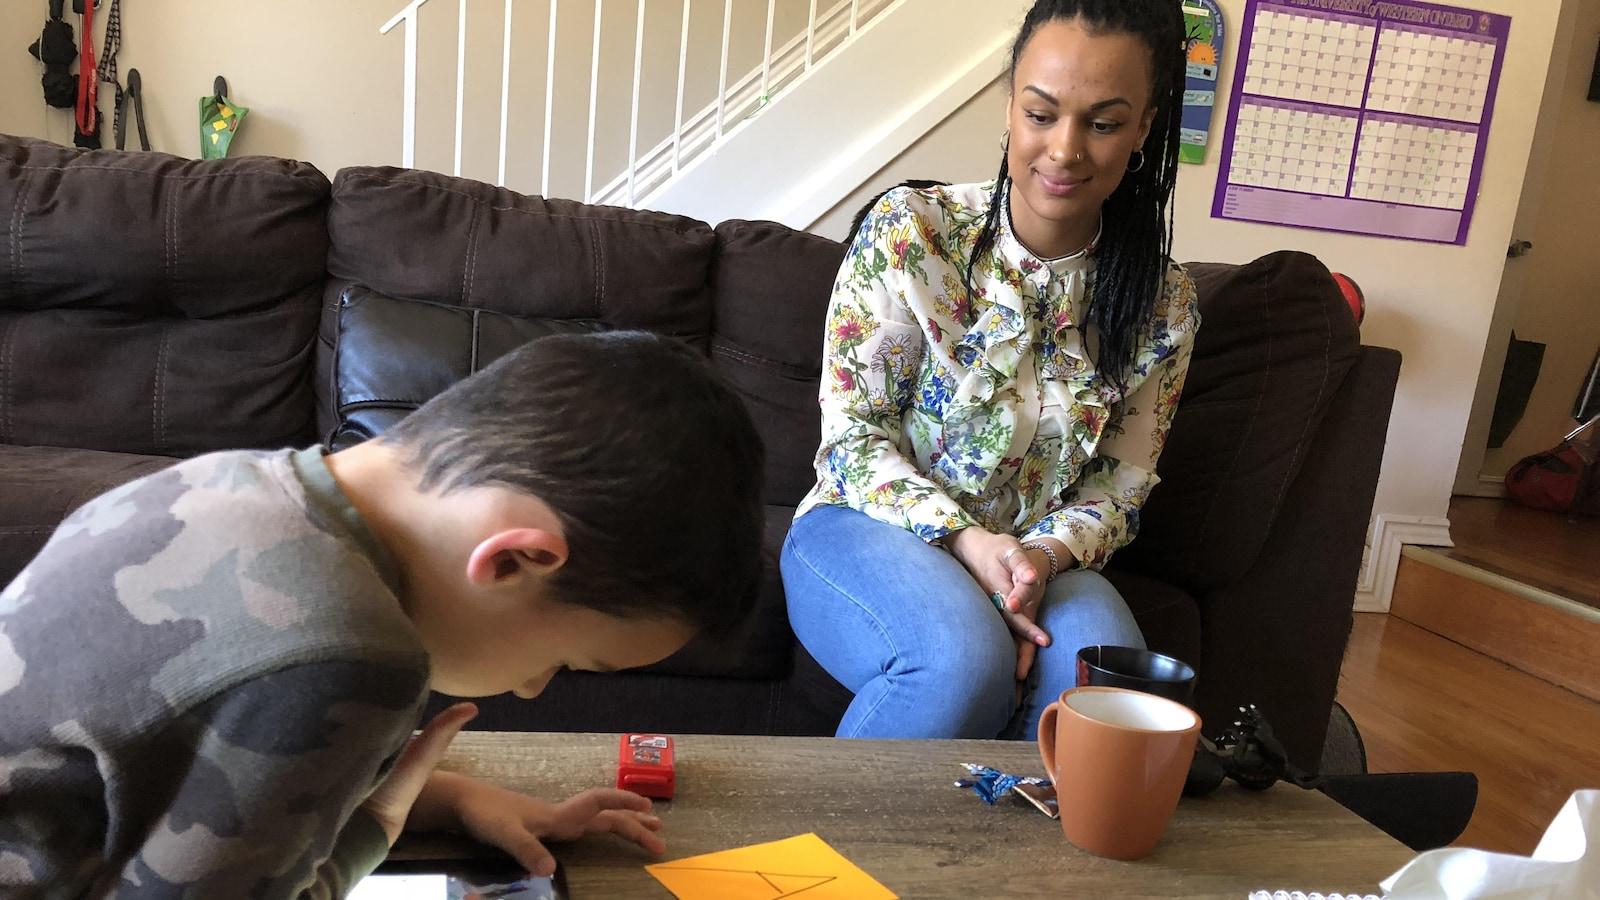 Dans un salon, une femme assise sur un divan observe son fils qui joue sur un ipad.